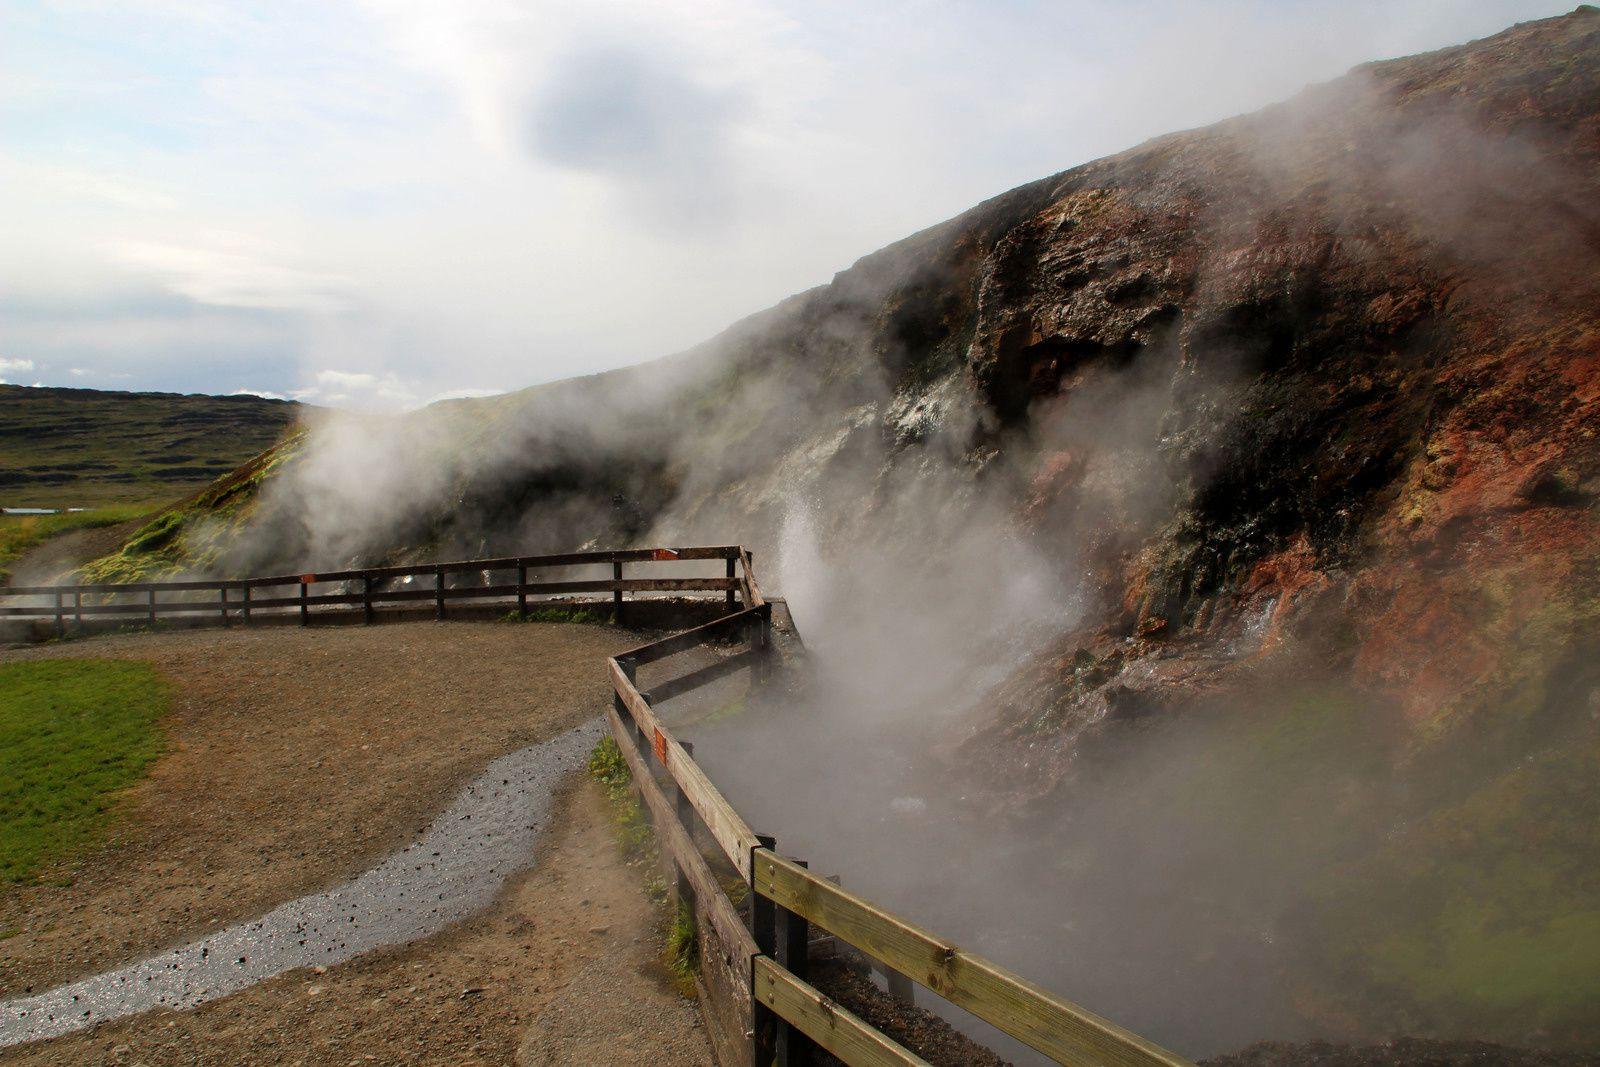 Vacances en Islande - Jour 8